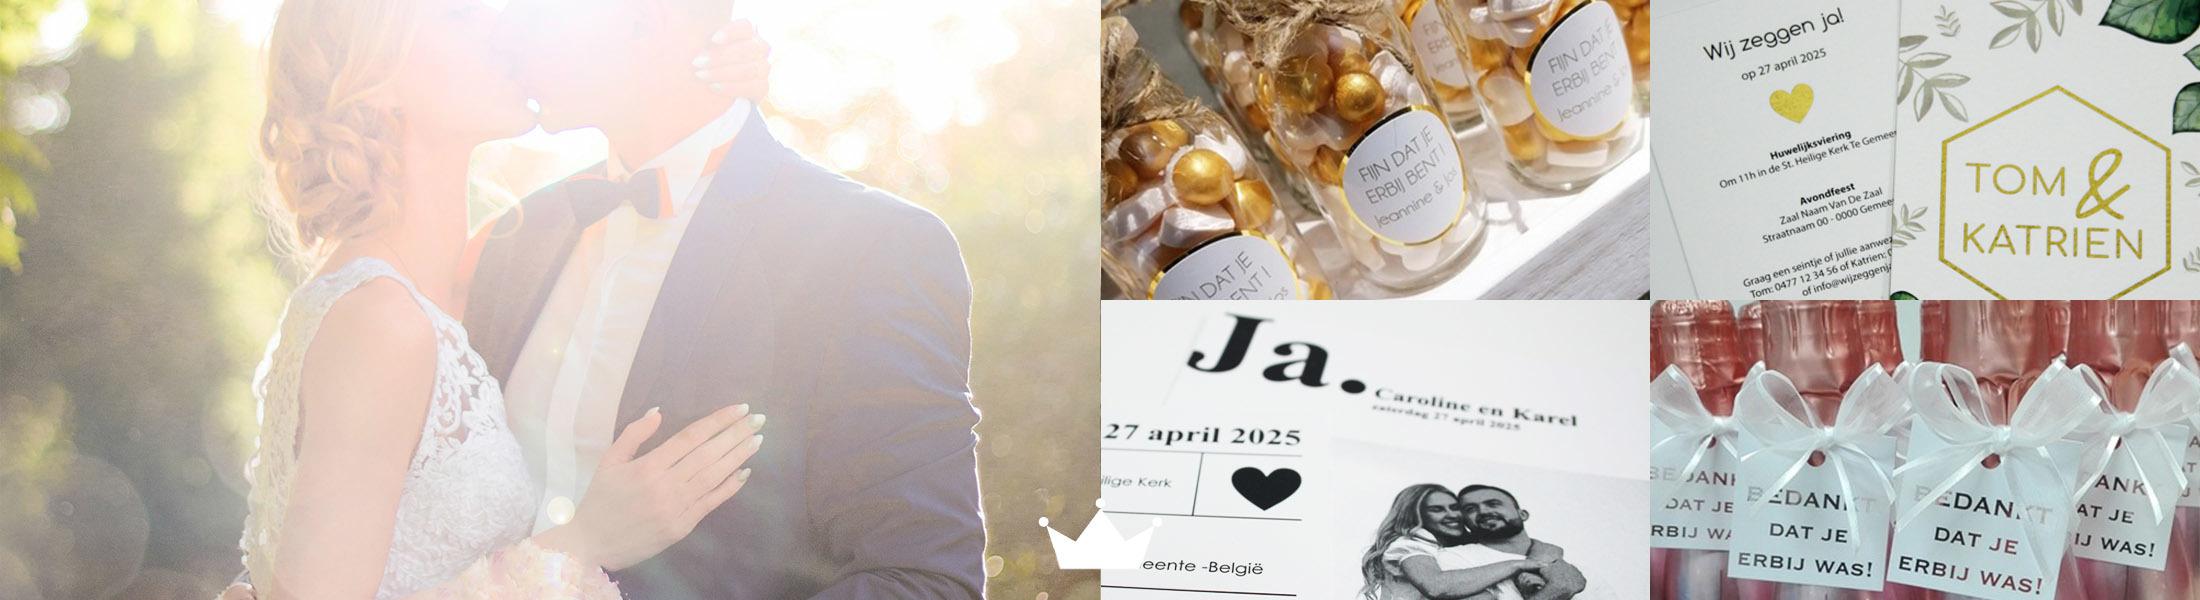 Bookadee: trouwuitnodigingen, huwelijksbedankjes